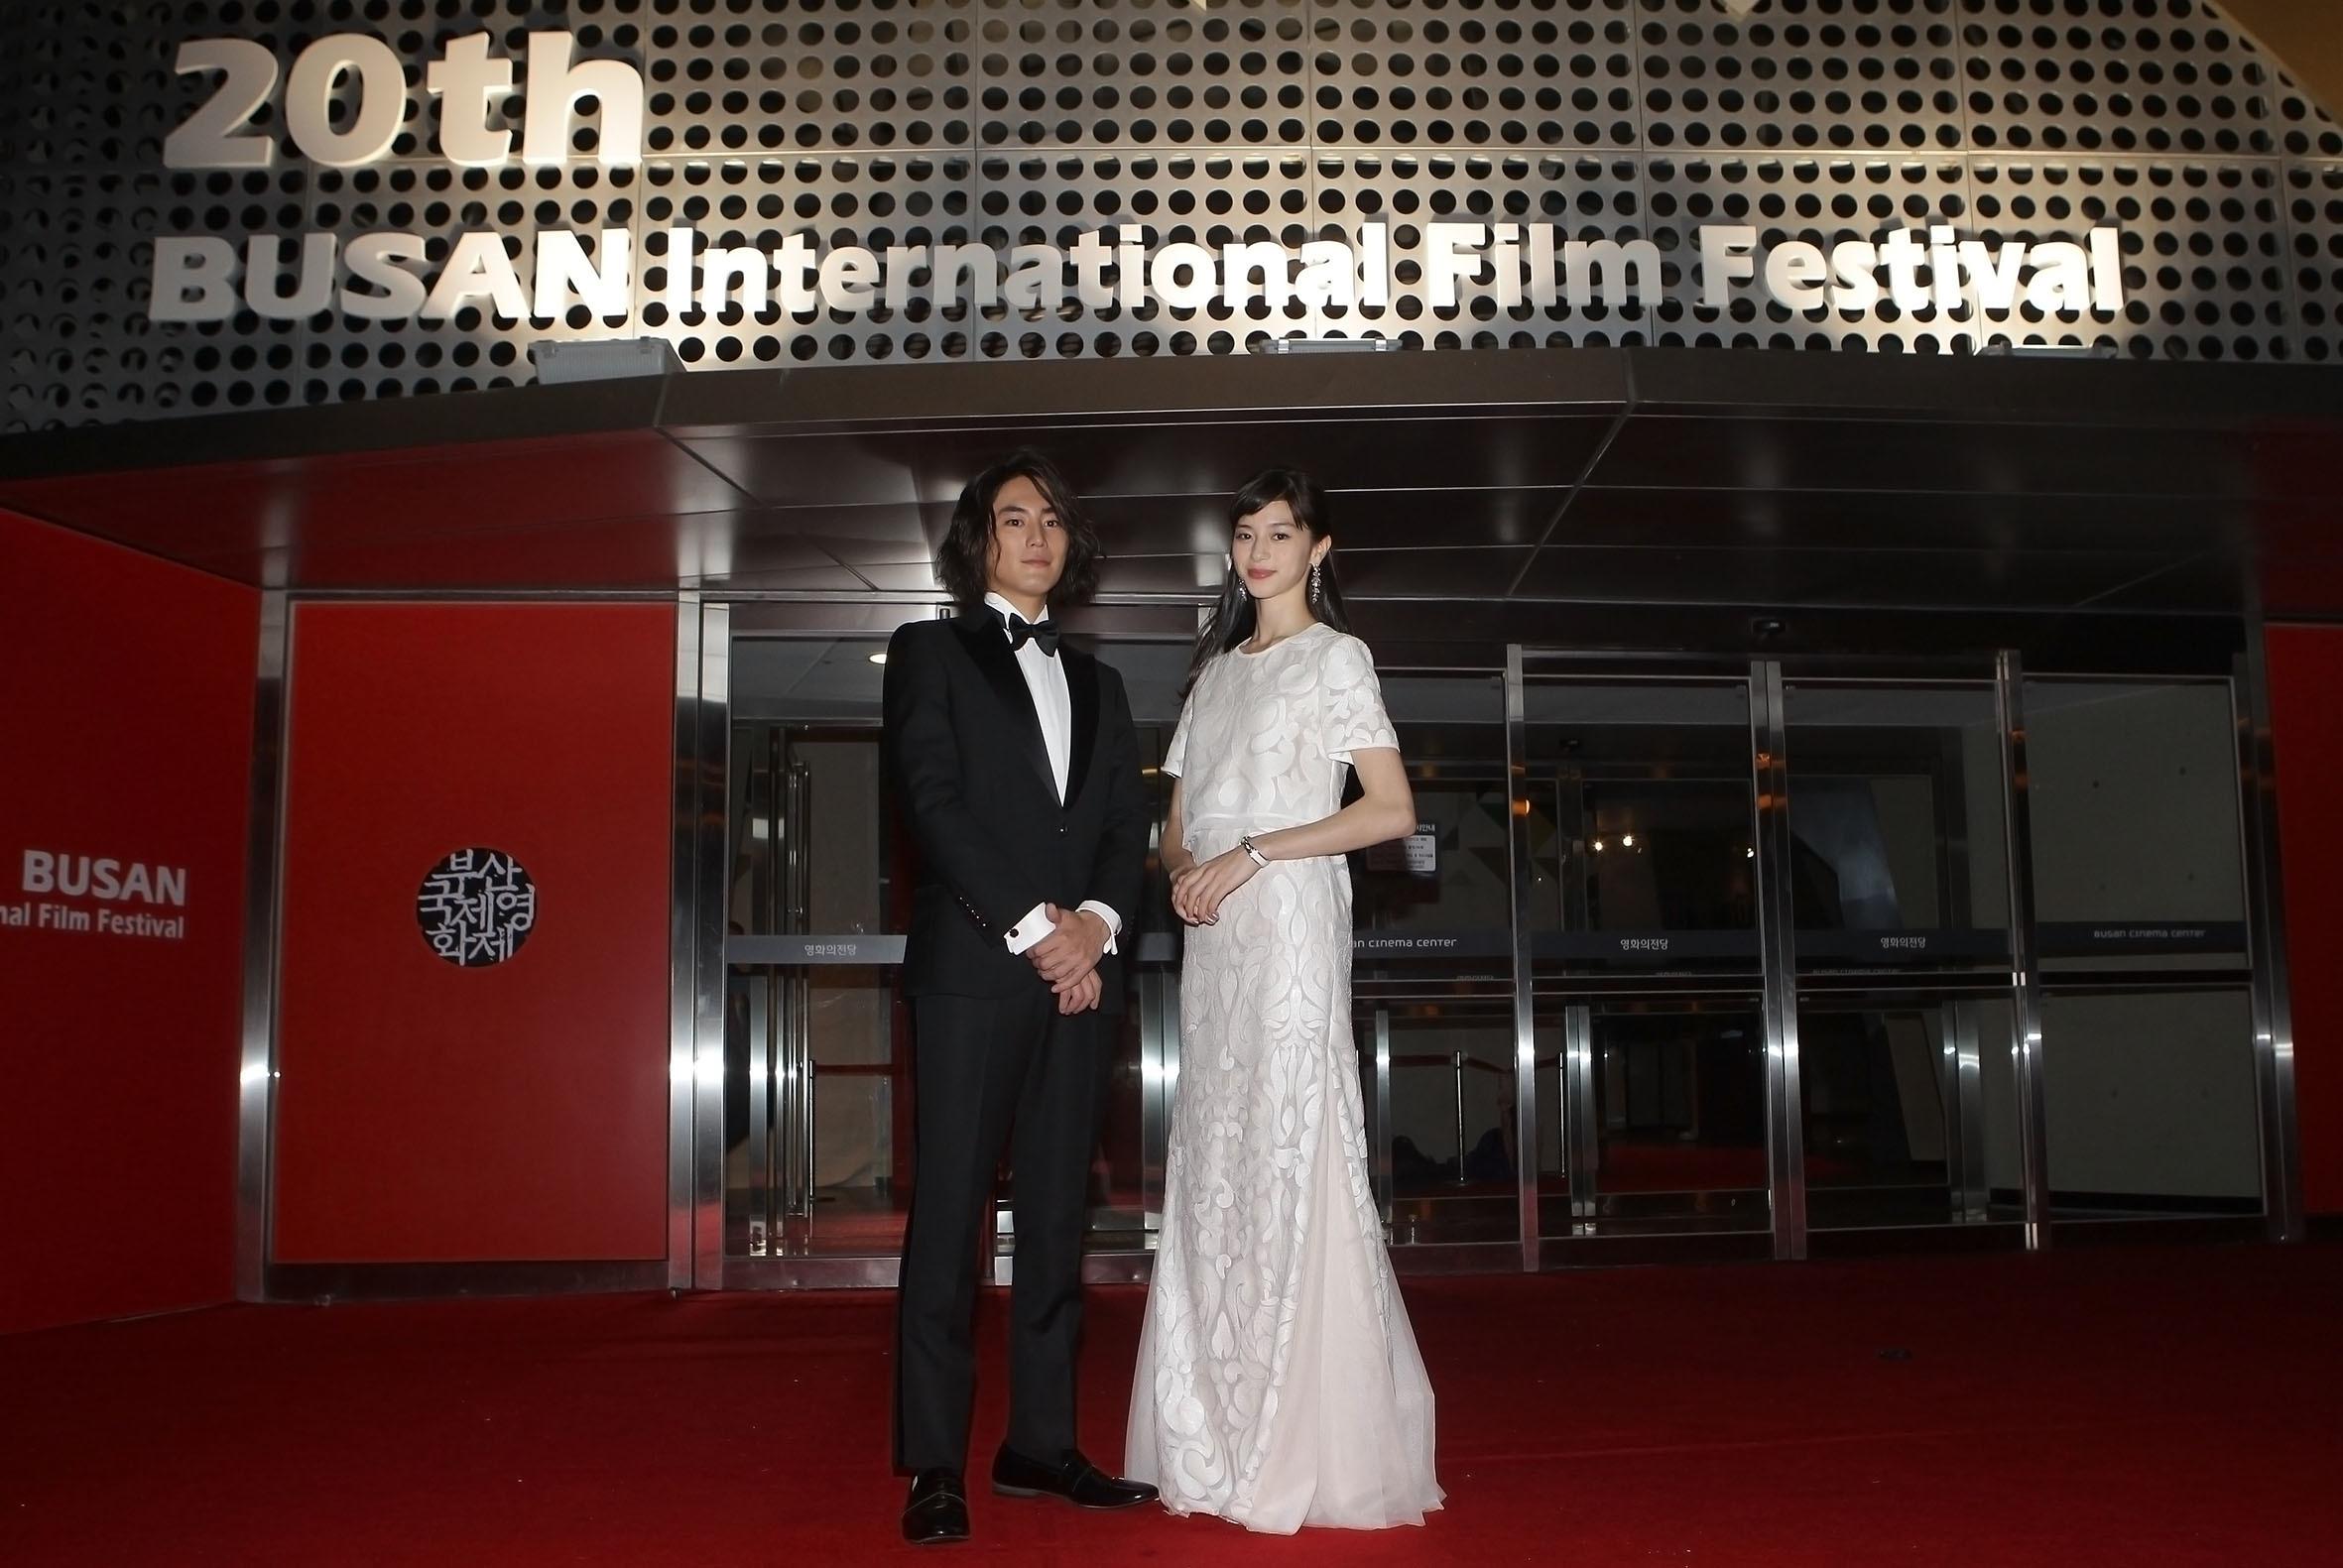 左から 間宮祥太朗、中条あやみ 第20回釜山国際映画祭にて